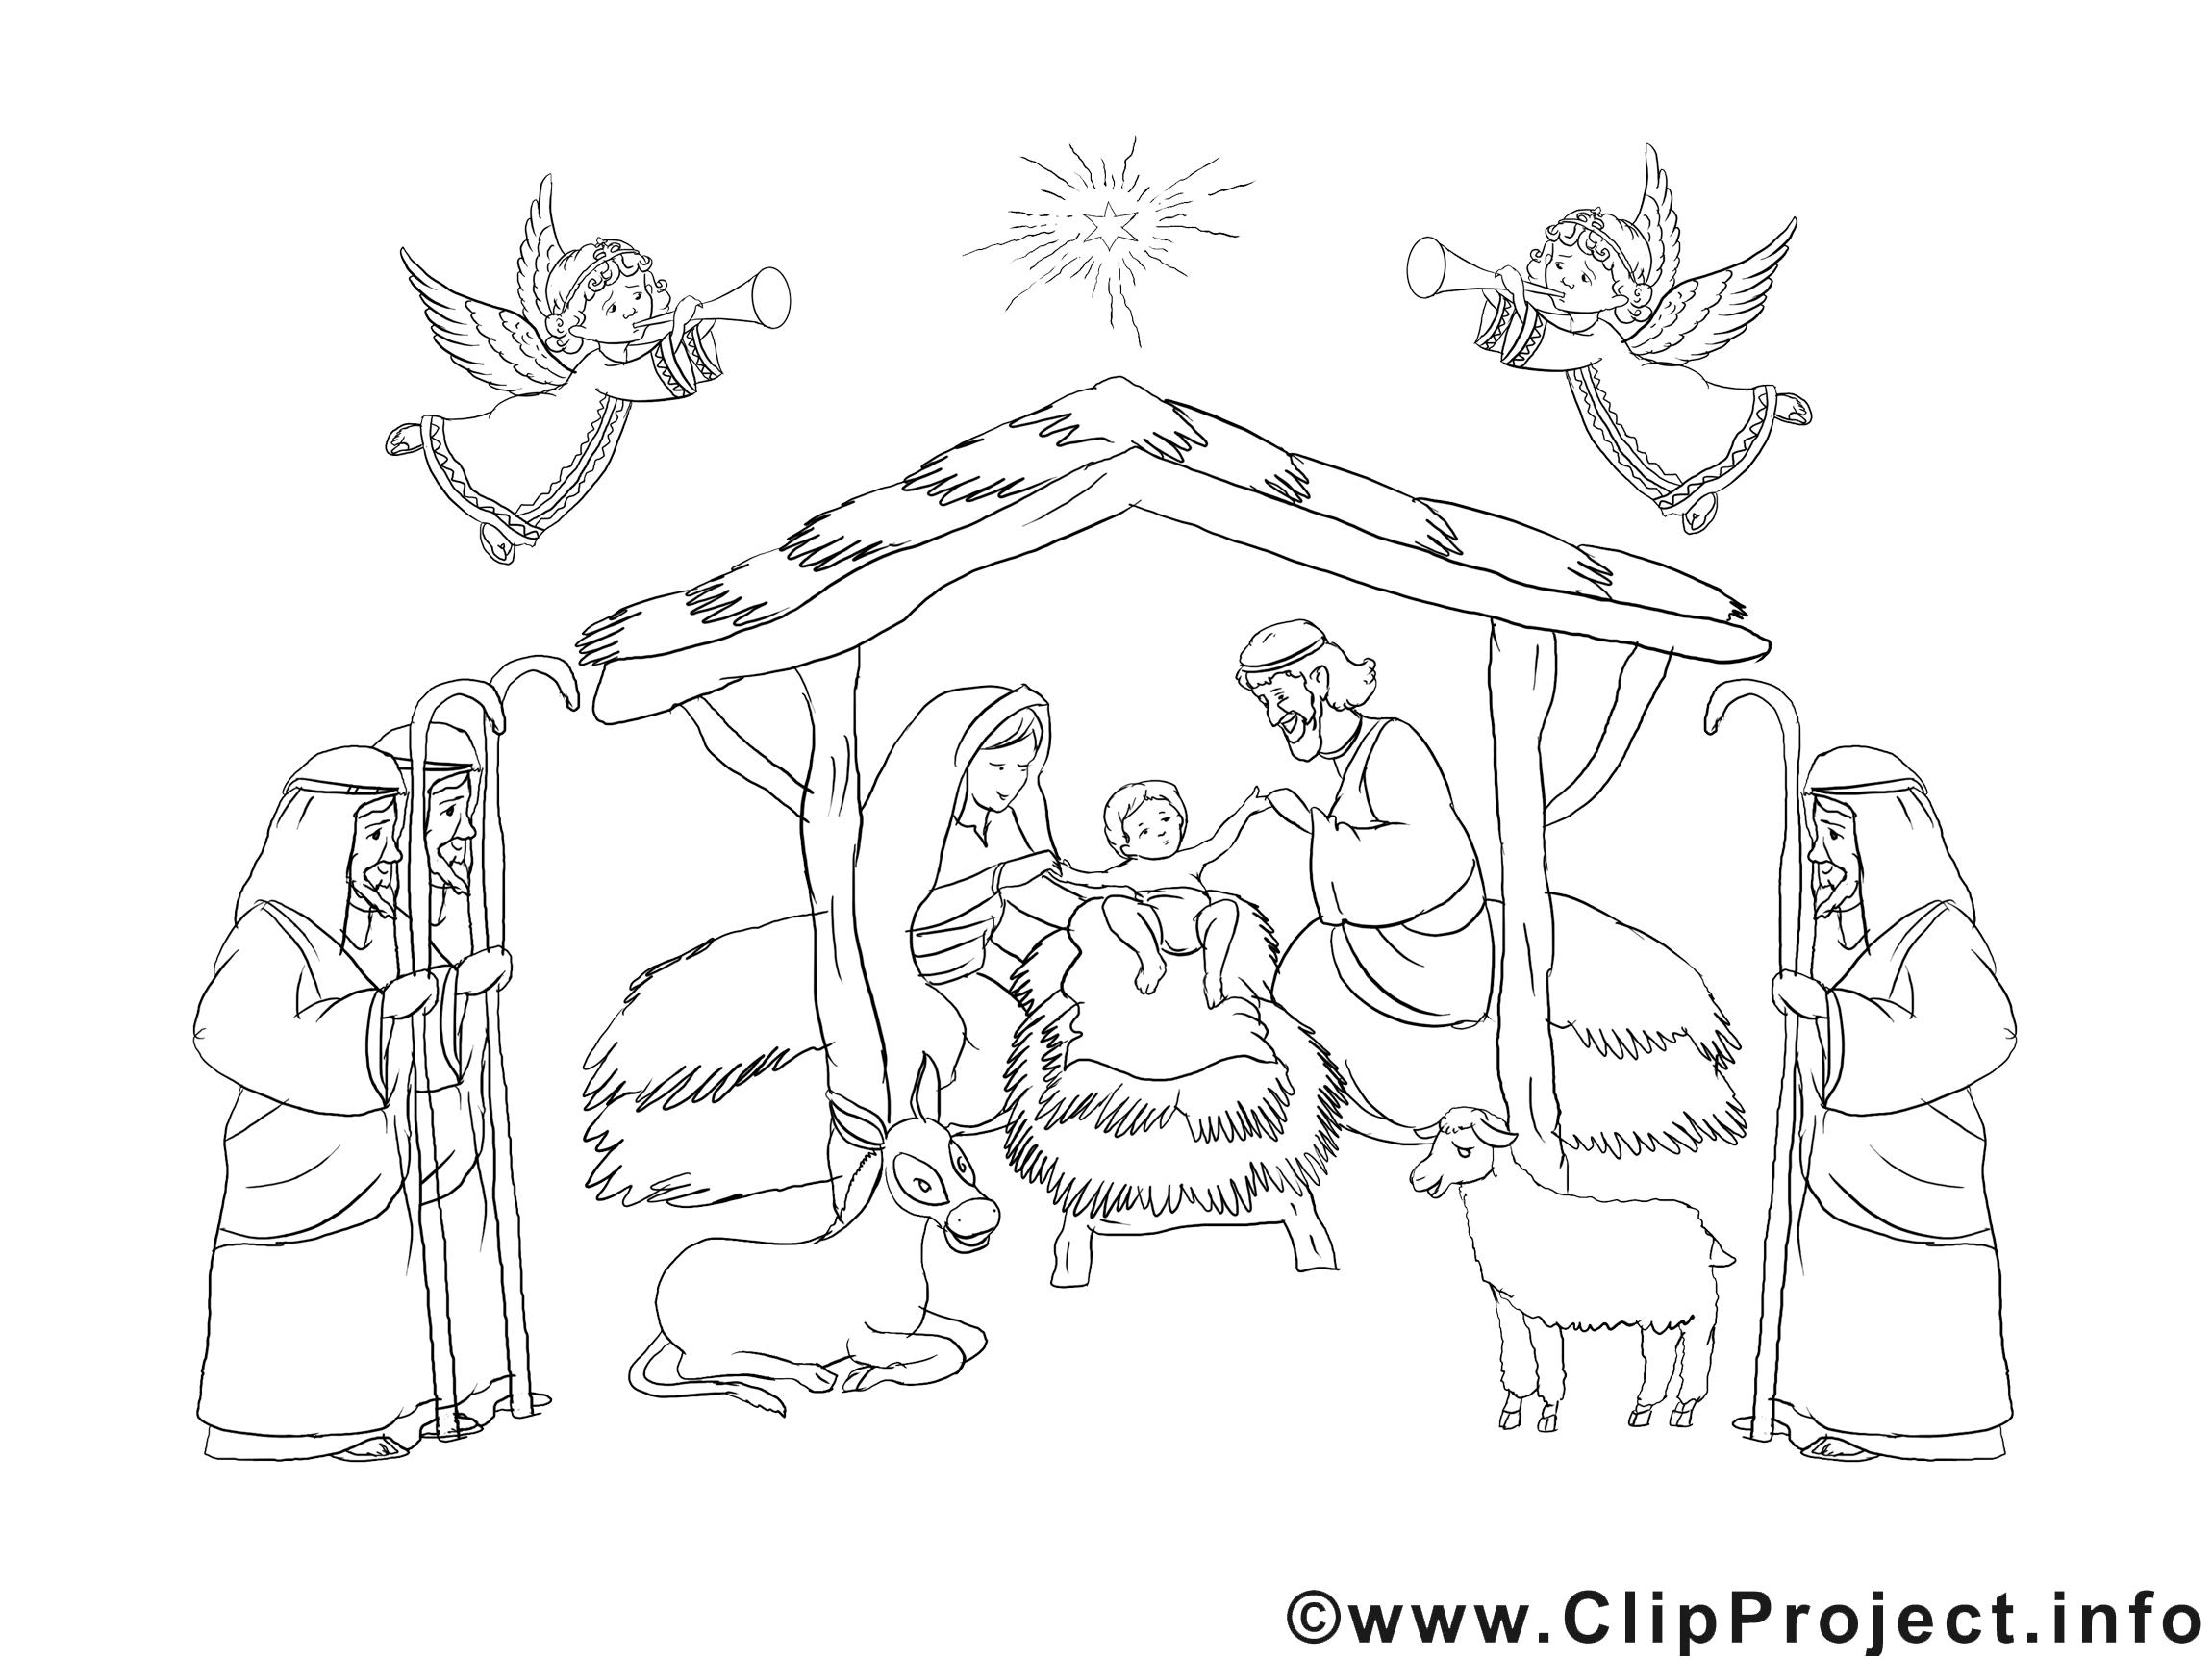 Malvorlagen Advent Gratis | My blog